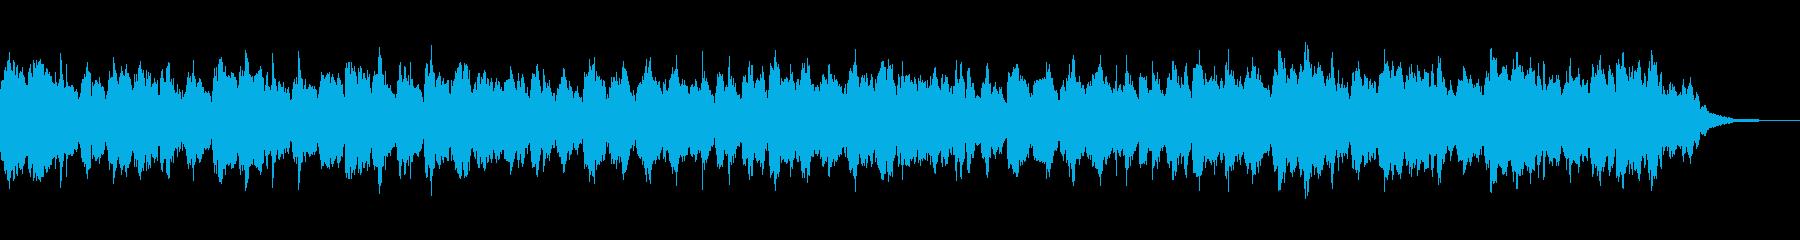 ハリウッド「短くて日常」オーケストラaの再生済みの波形